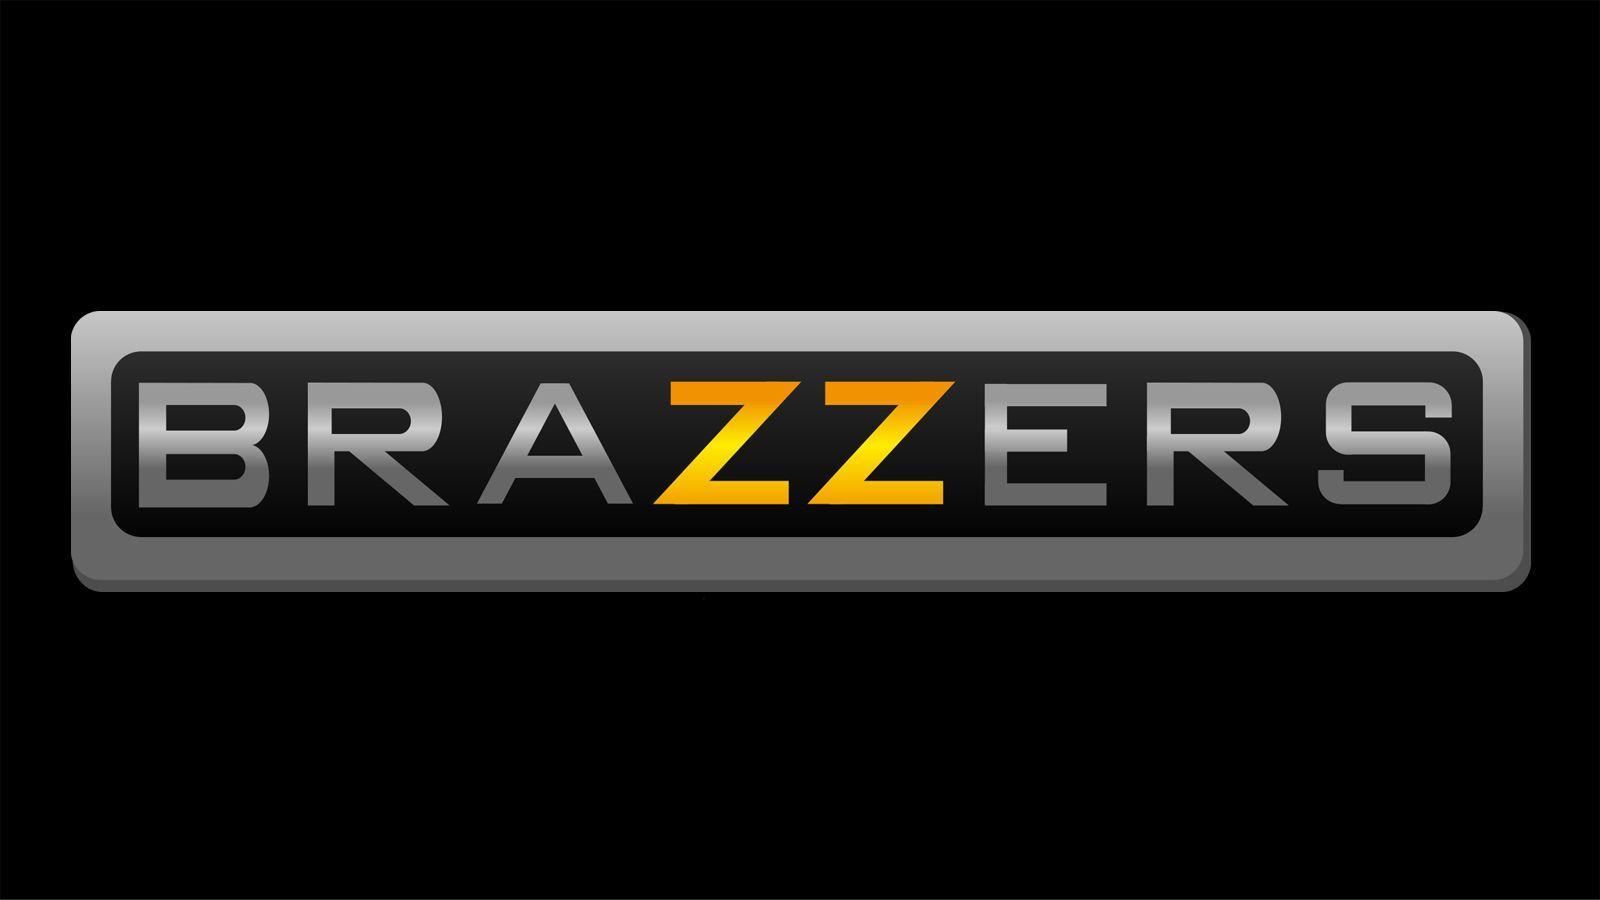 Brazzos Logo - LogoDix